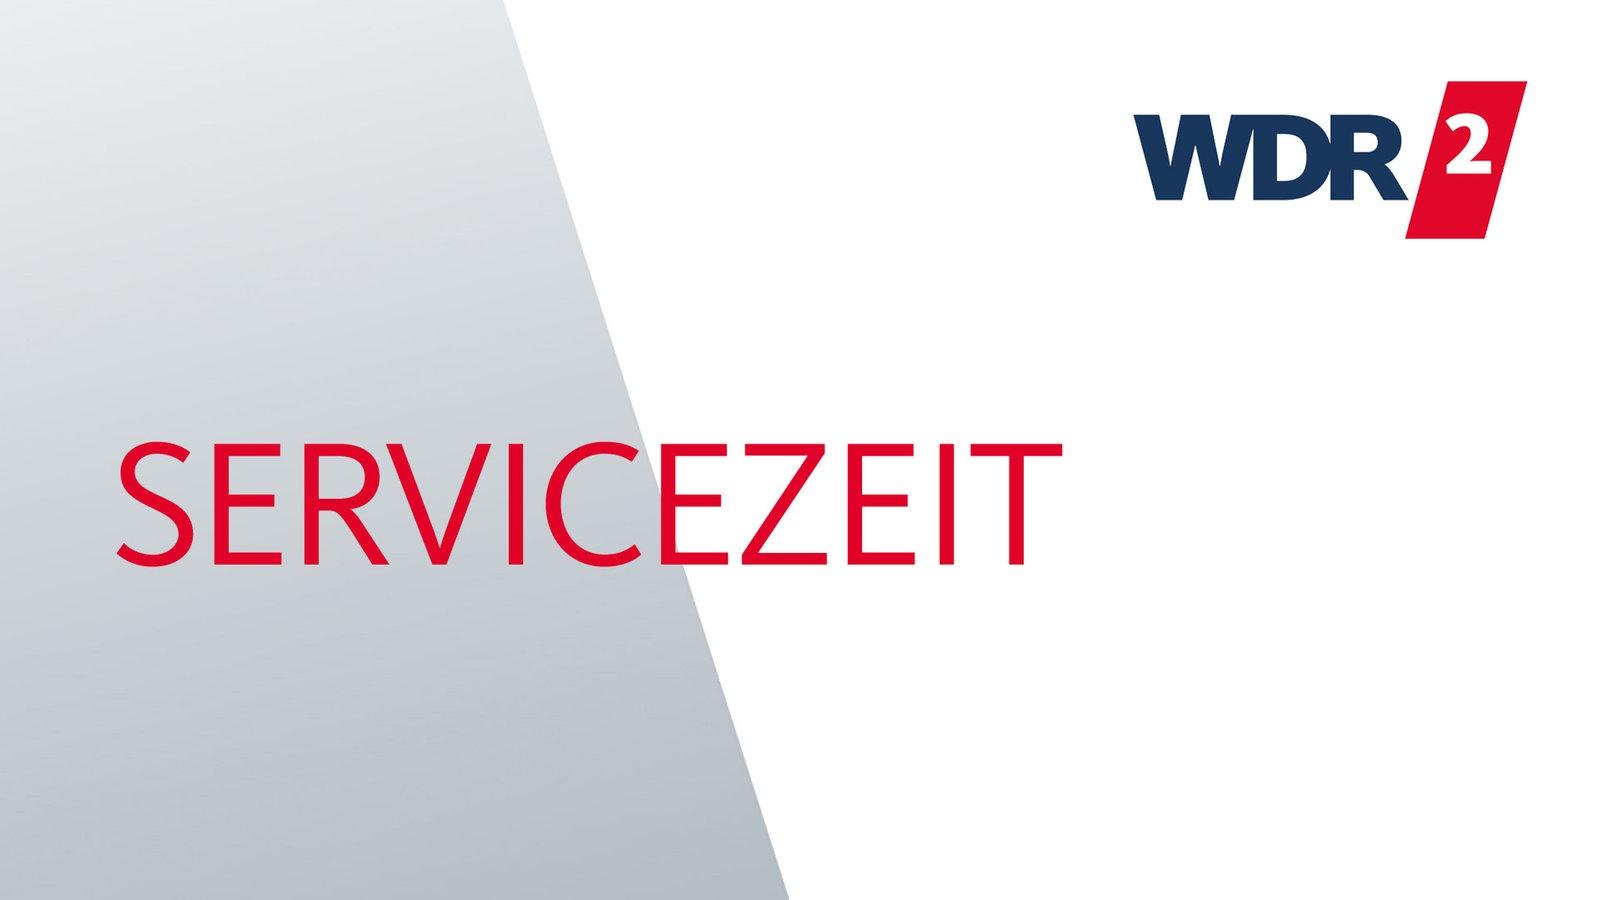 Wdr 2 Servicezeit Sparen Und Informieren Wdr 2 Servicezeit Wdr